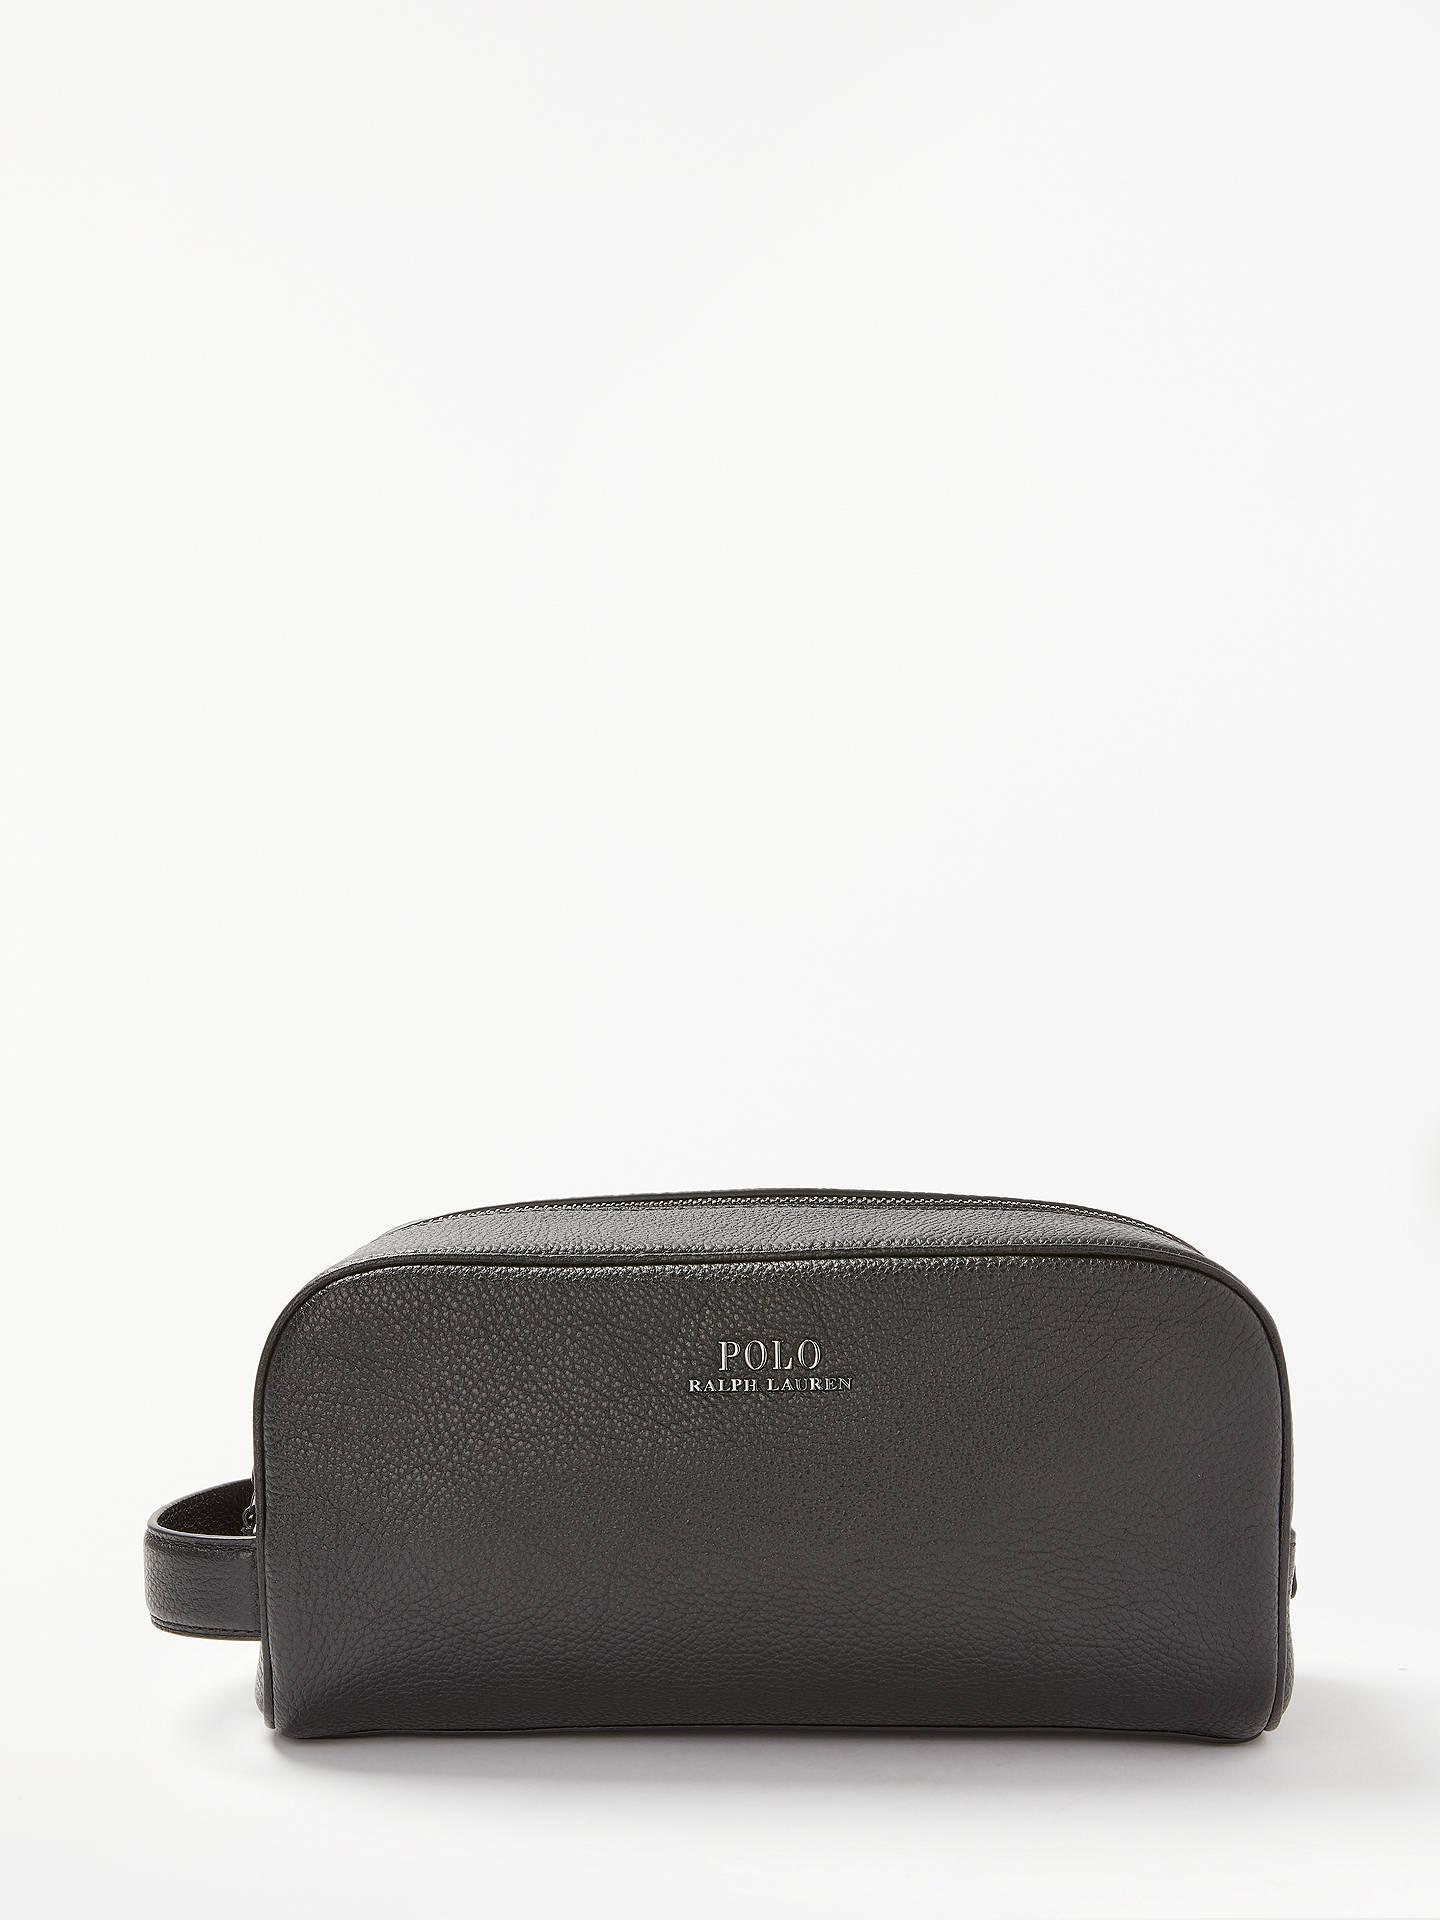 BuyPolo Ralph Lauren Pebble Leather Wash Bag, Black Online at johnlewis.com  ... 277c54c7b0